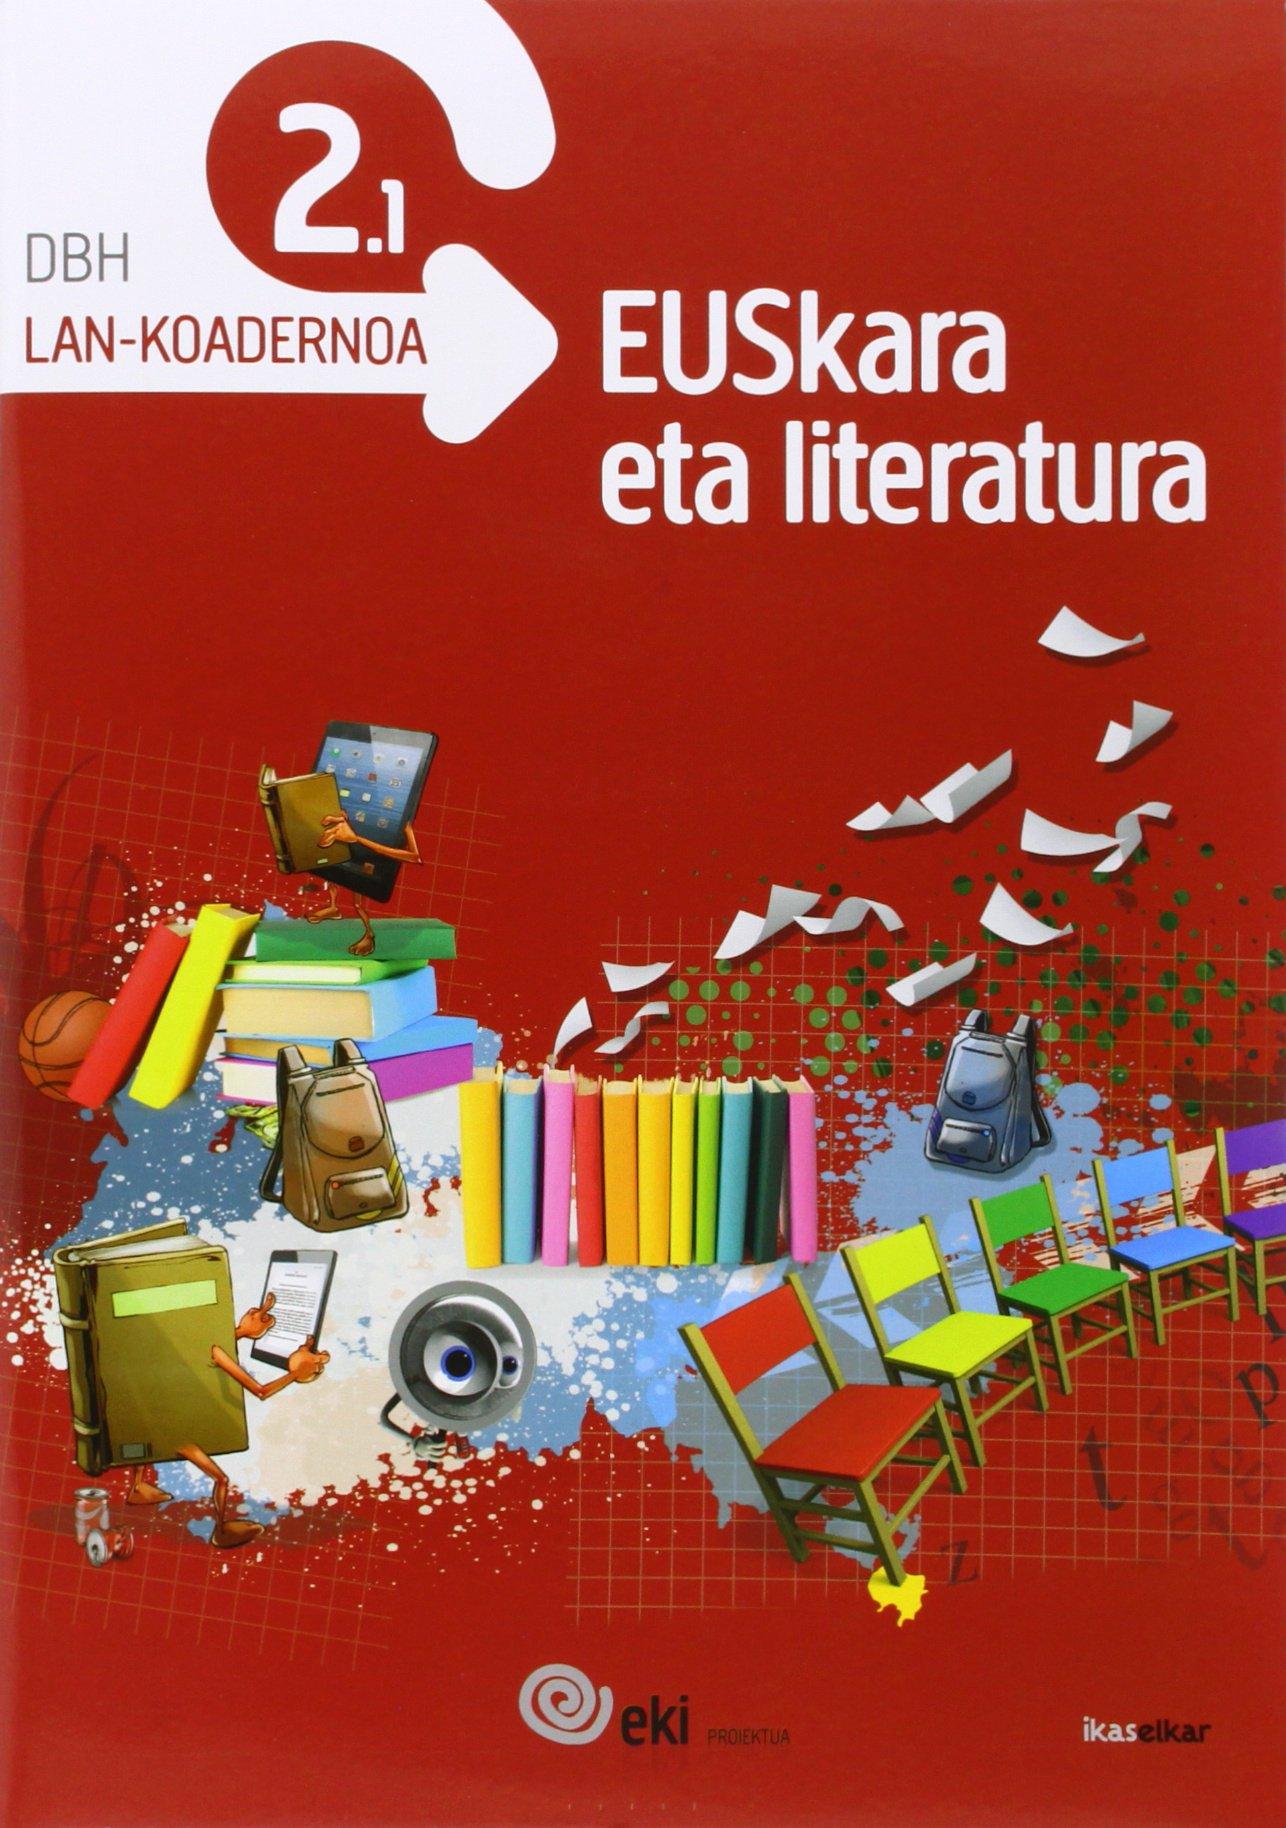 EKI DBH 2. Euskara eta Literatura 2. Lan-koadernoa 2.1 (EKI 2) - 9788415586494 (Euskera) Tapa blanda – 1 sep 2014 Batzuen artean Ikaselkar 8415586493 Educational material